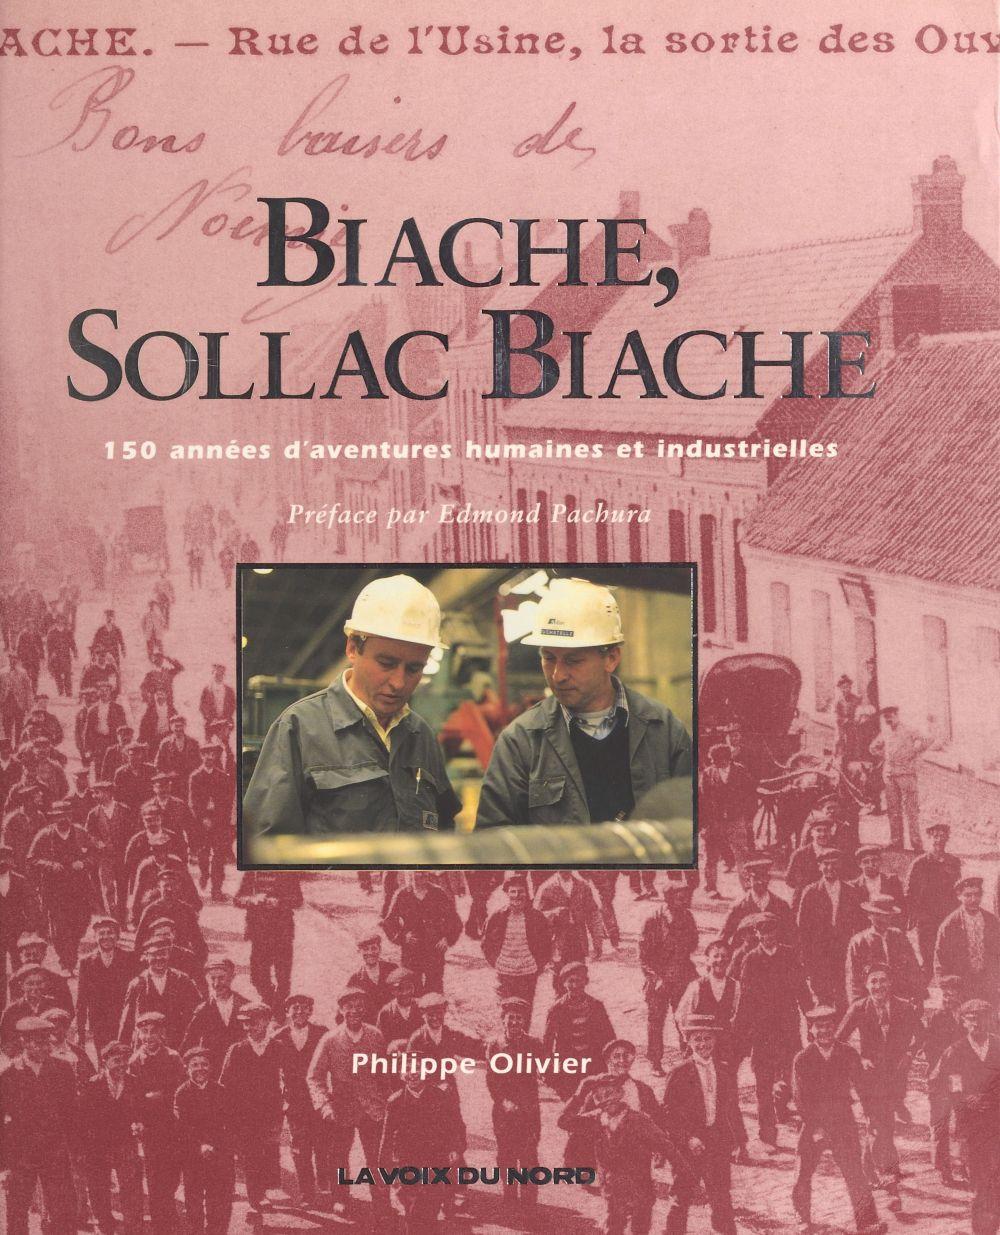 Biache, Sollac Biache : 150 années d'aventures humaines et industrielles